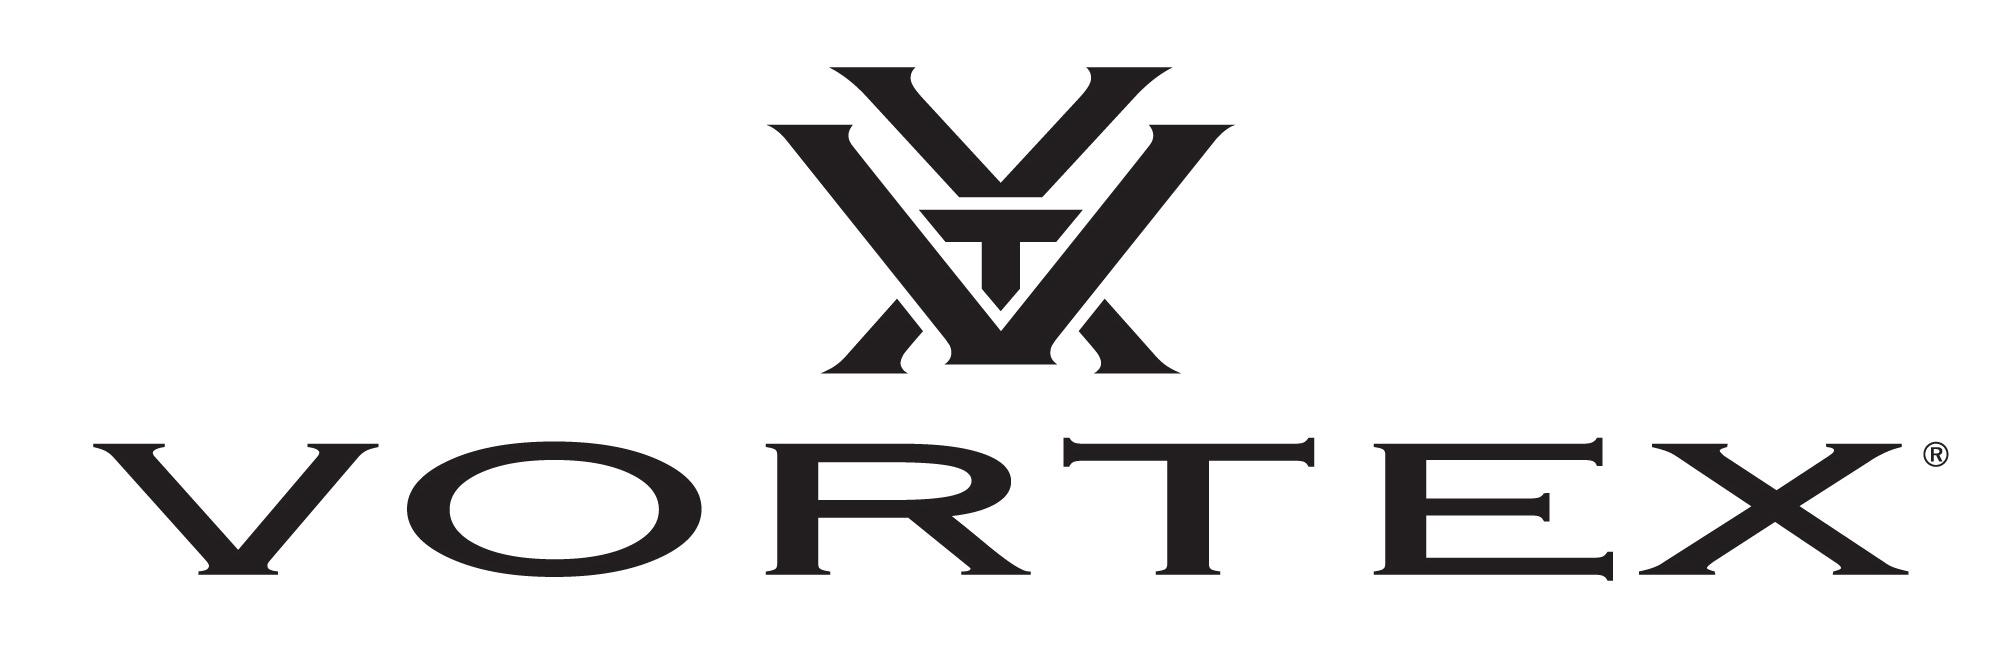 VORTEX RED DOTS